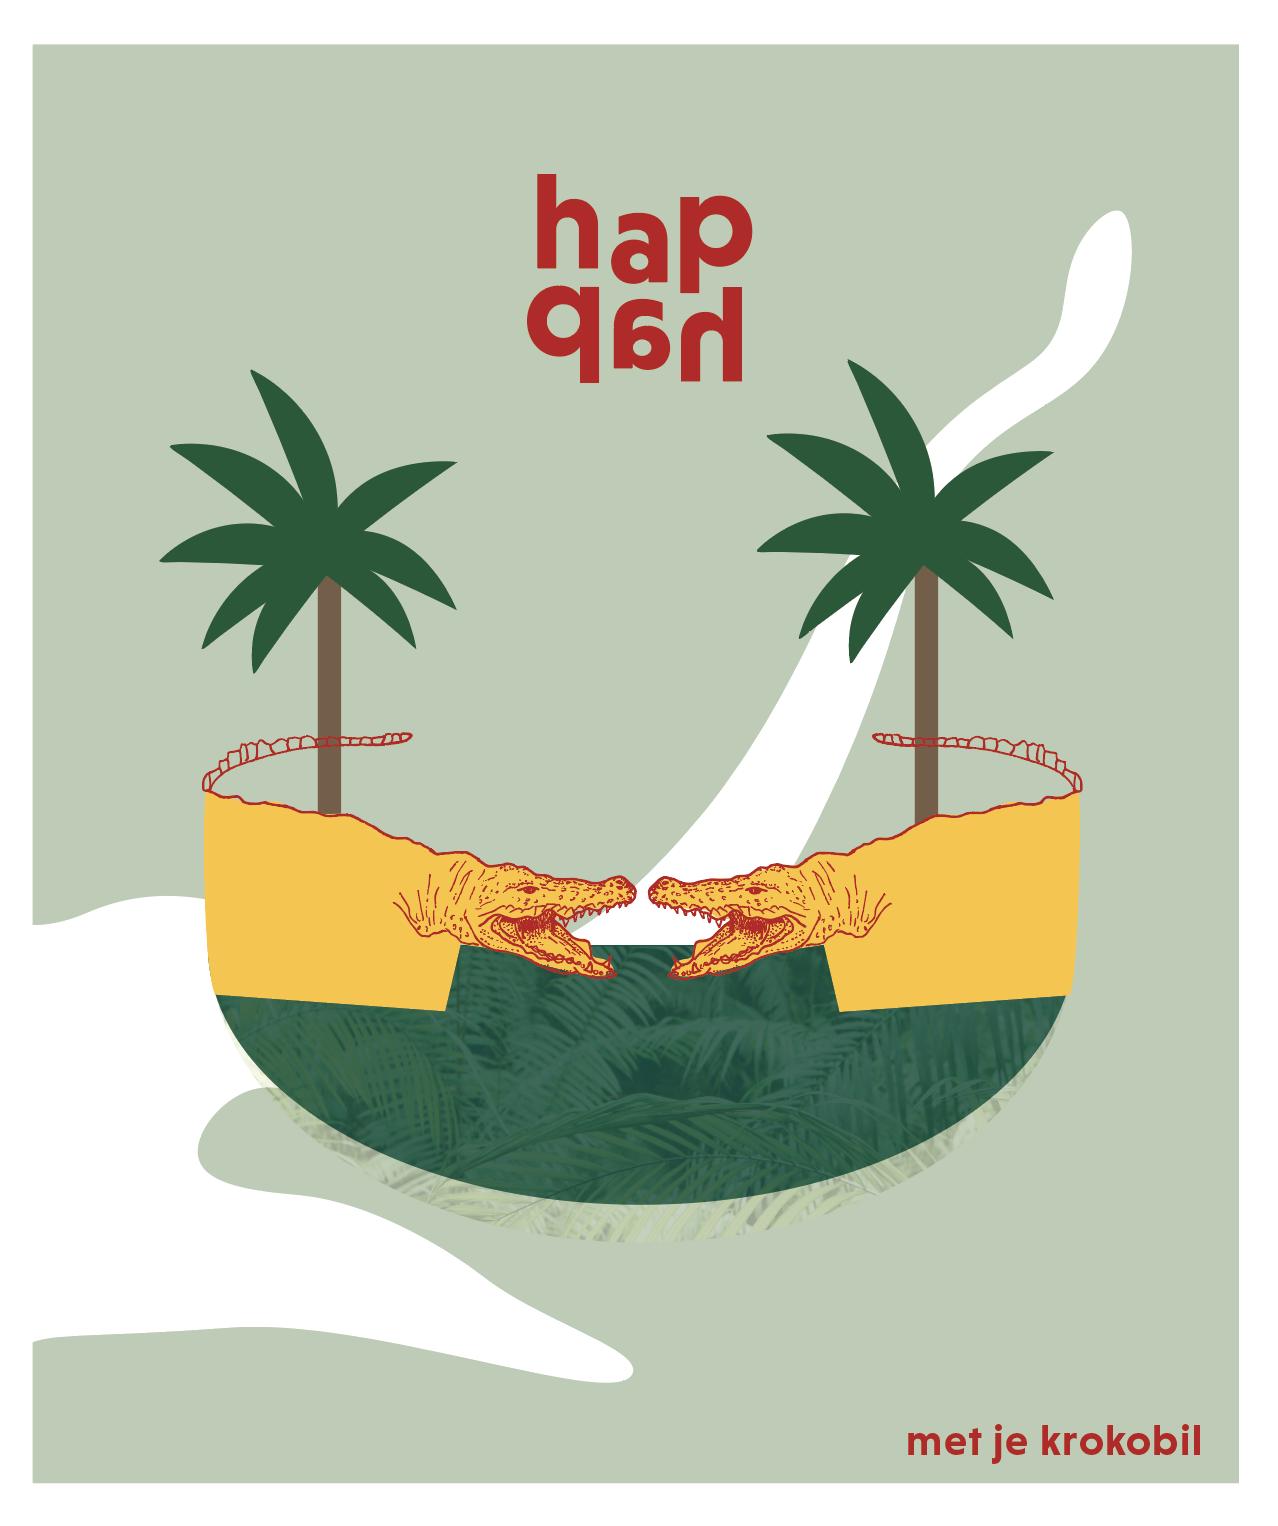 Haphap_sanneneuteboom